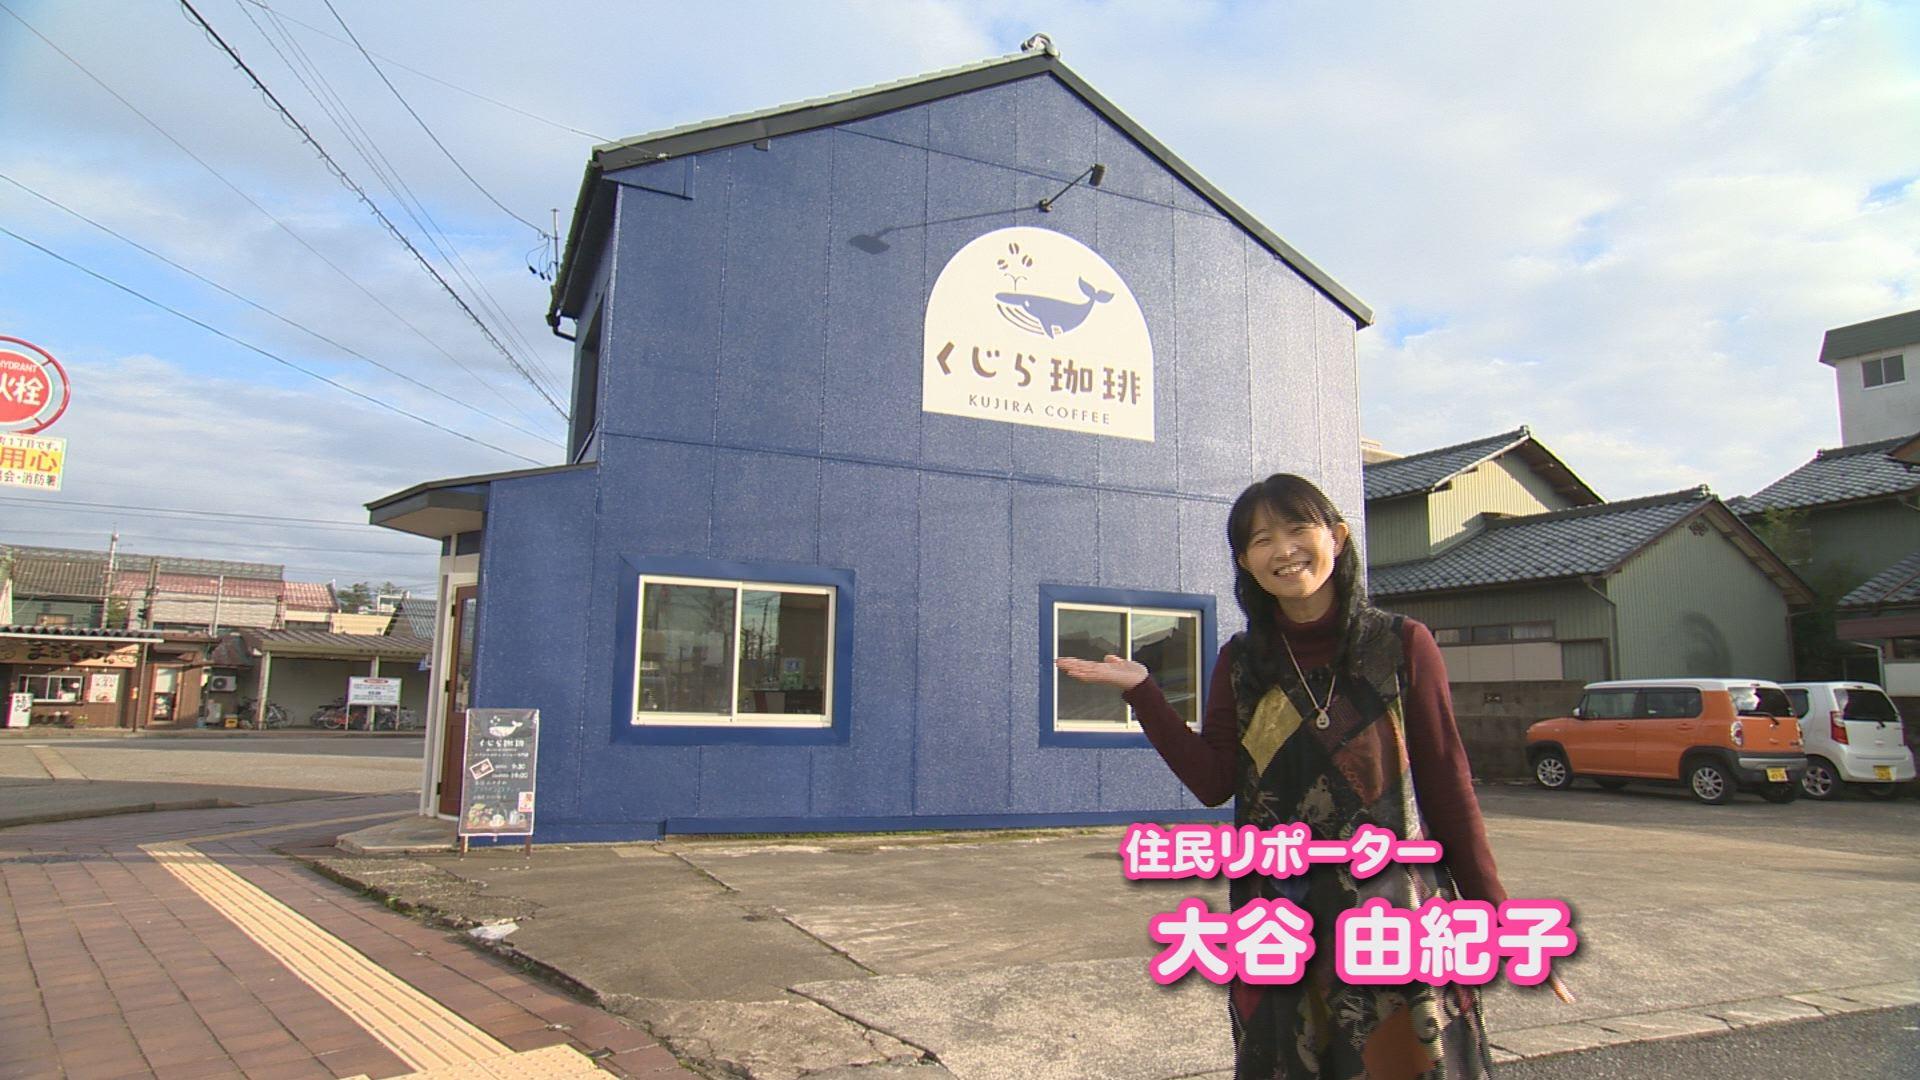 くじら珈琲(鯖江市)